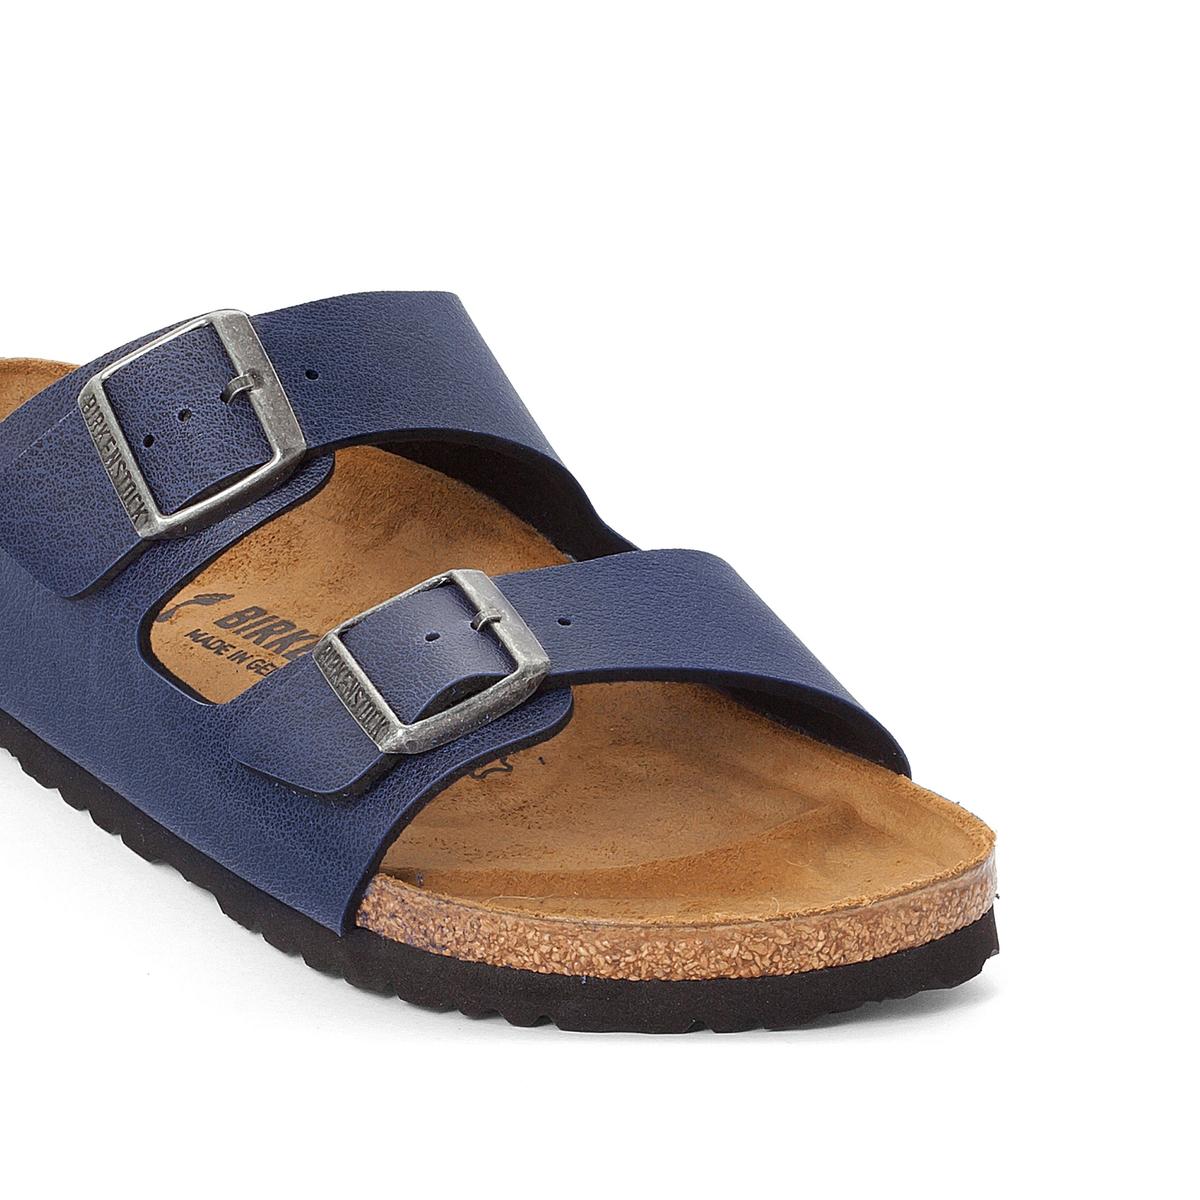 Туфли без задника синтетическиеДетали  •  Туфли без задника •  Застежка : без застежки •  Открытый мысокСостав и уход  •  Верх 100% синтетический материал •  Подкладка 100% текстиль •  Стелька 100% кожа •  Подошва 100% ЭВА<br><br>Цвет: темно-синий